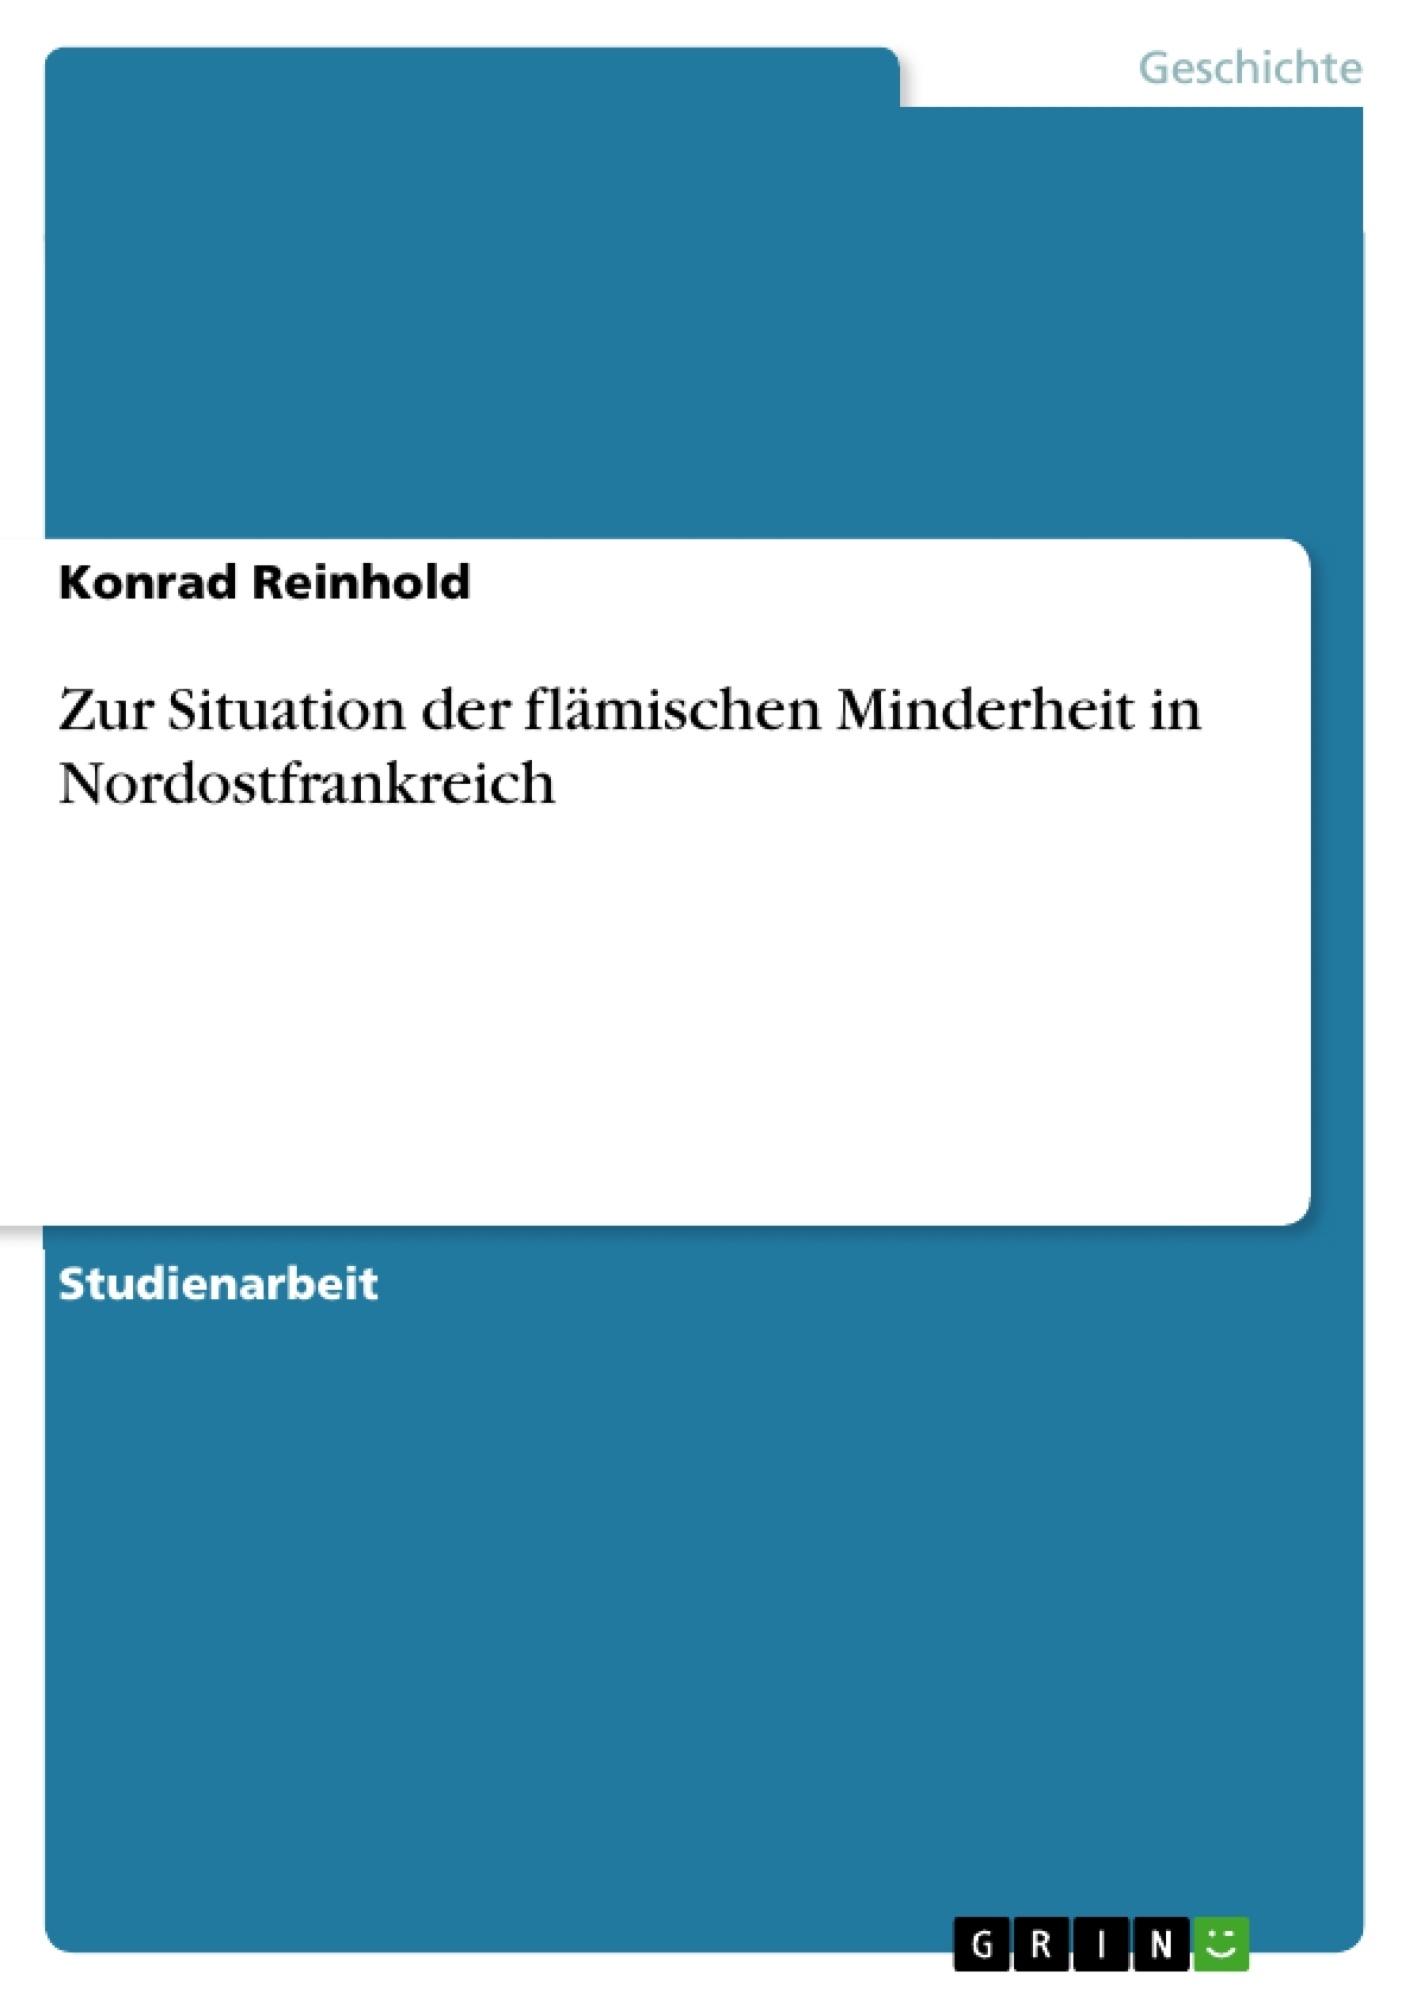 Titel: Zur Situation der flämischen Minderheit in Nordostfrankreich